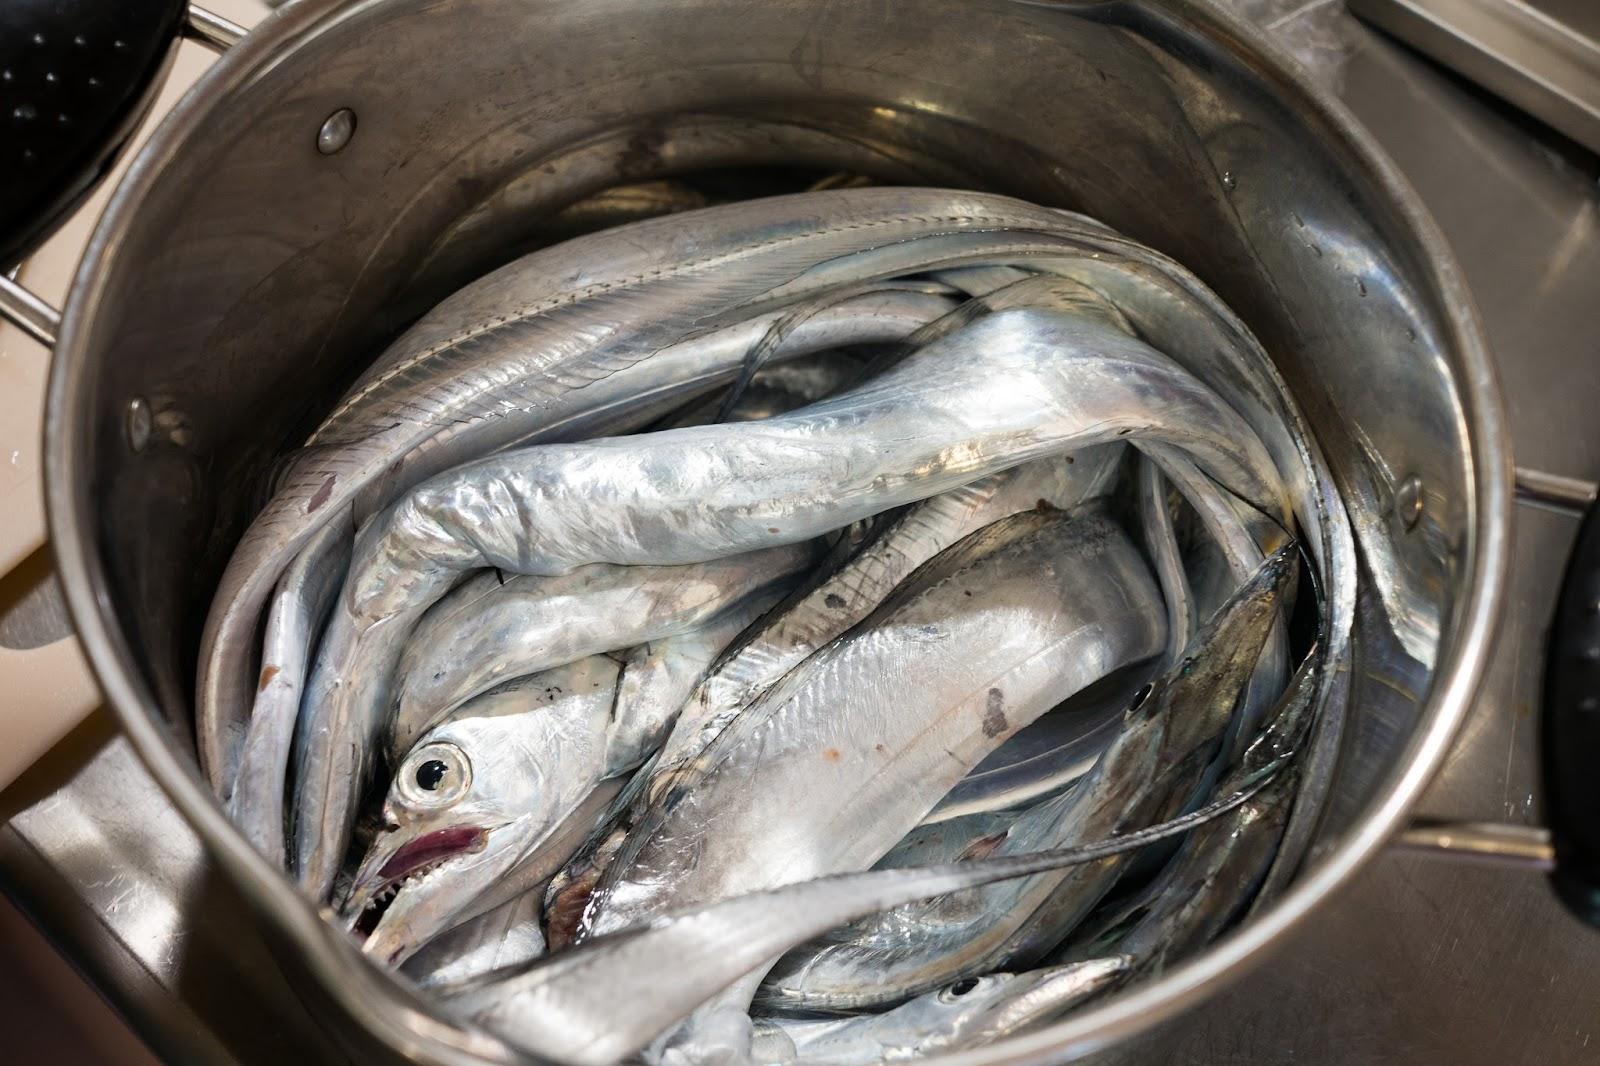 金龜子的肉慾廚房: 白帶魚實驗室!如何處理白帶魚